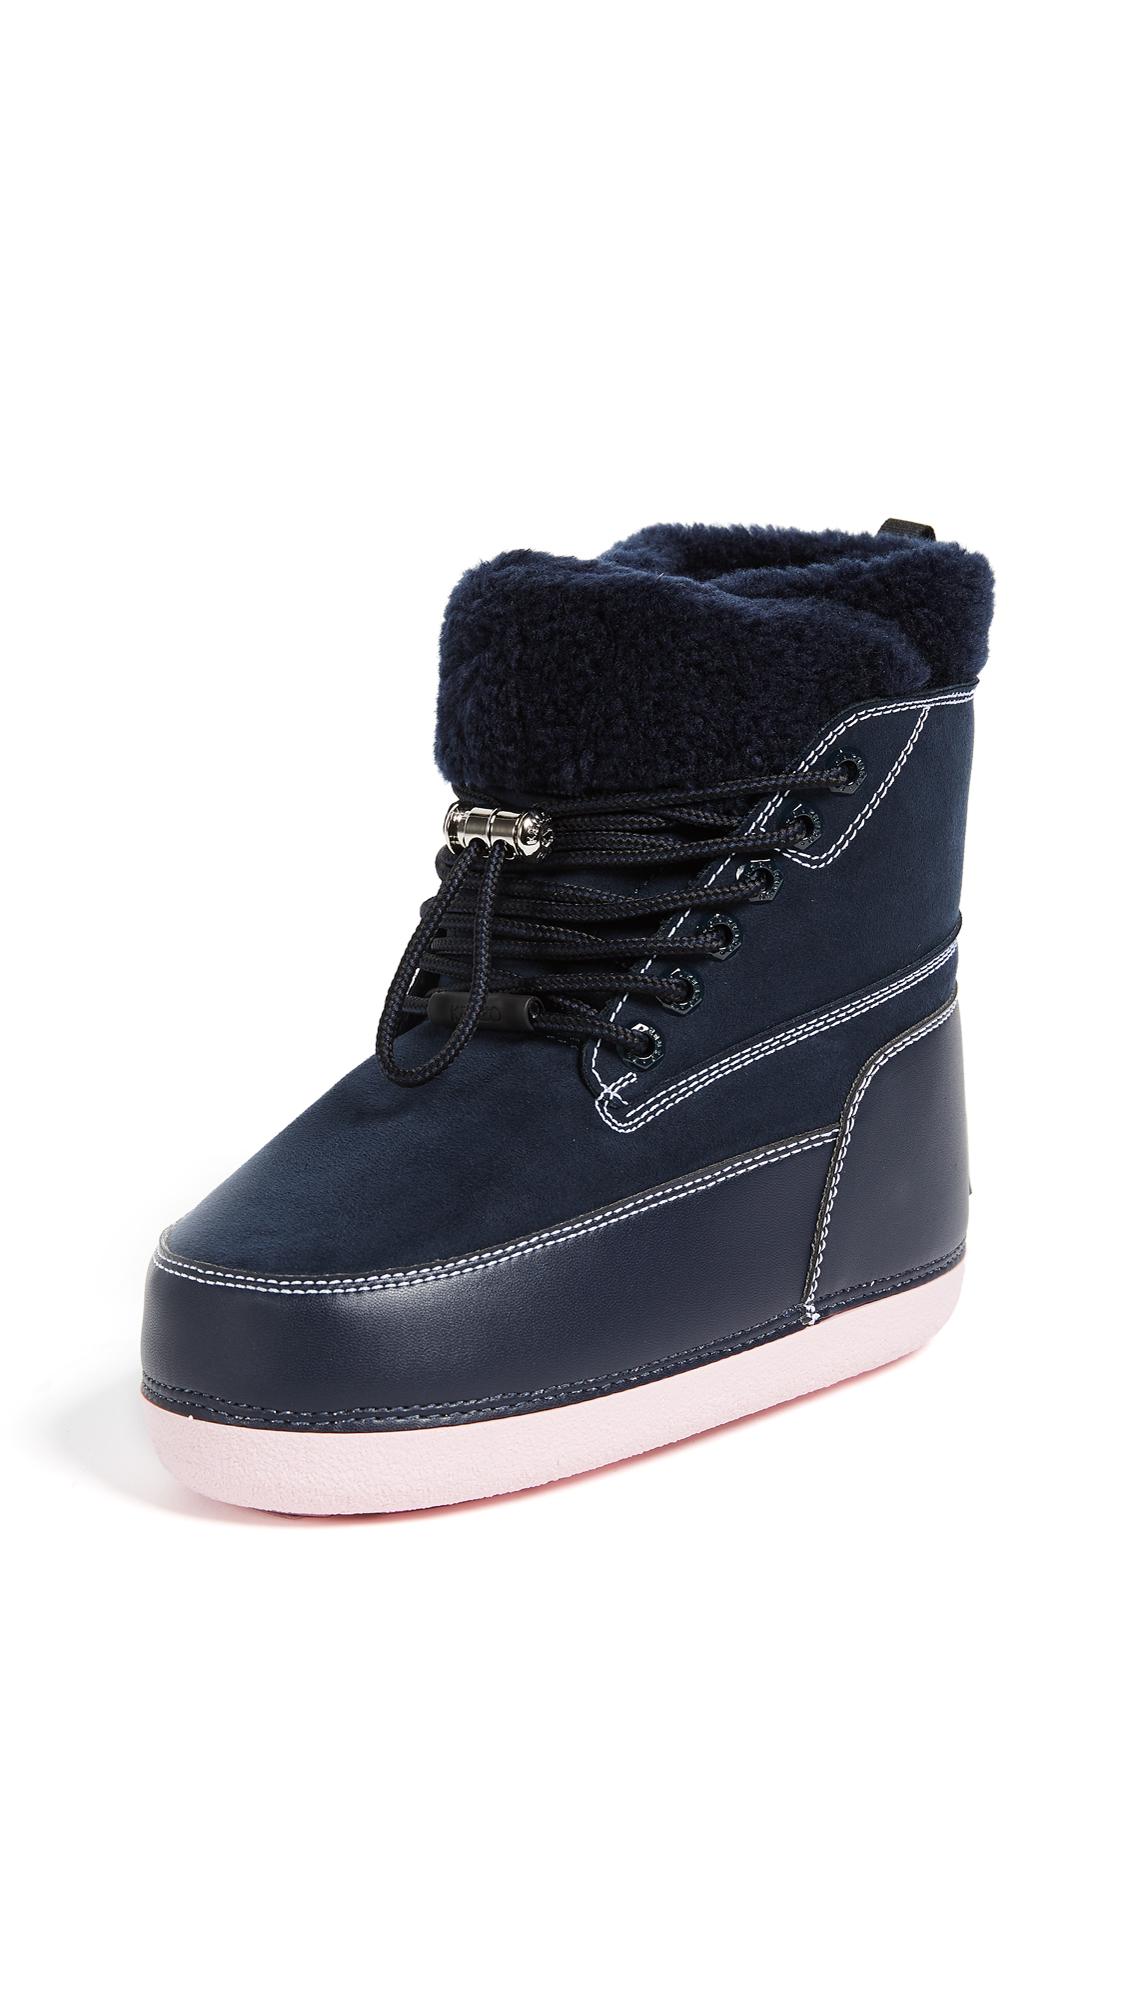 KENZO Nebraska Boots - Navy Blue